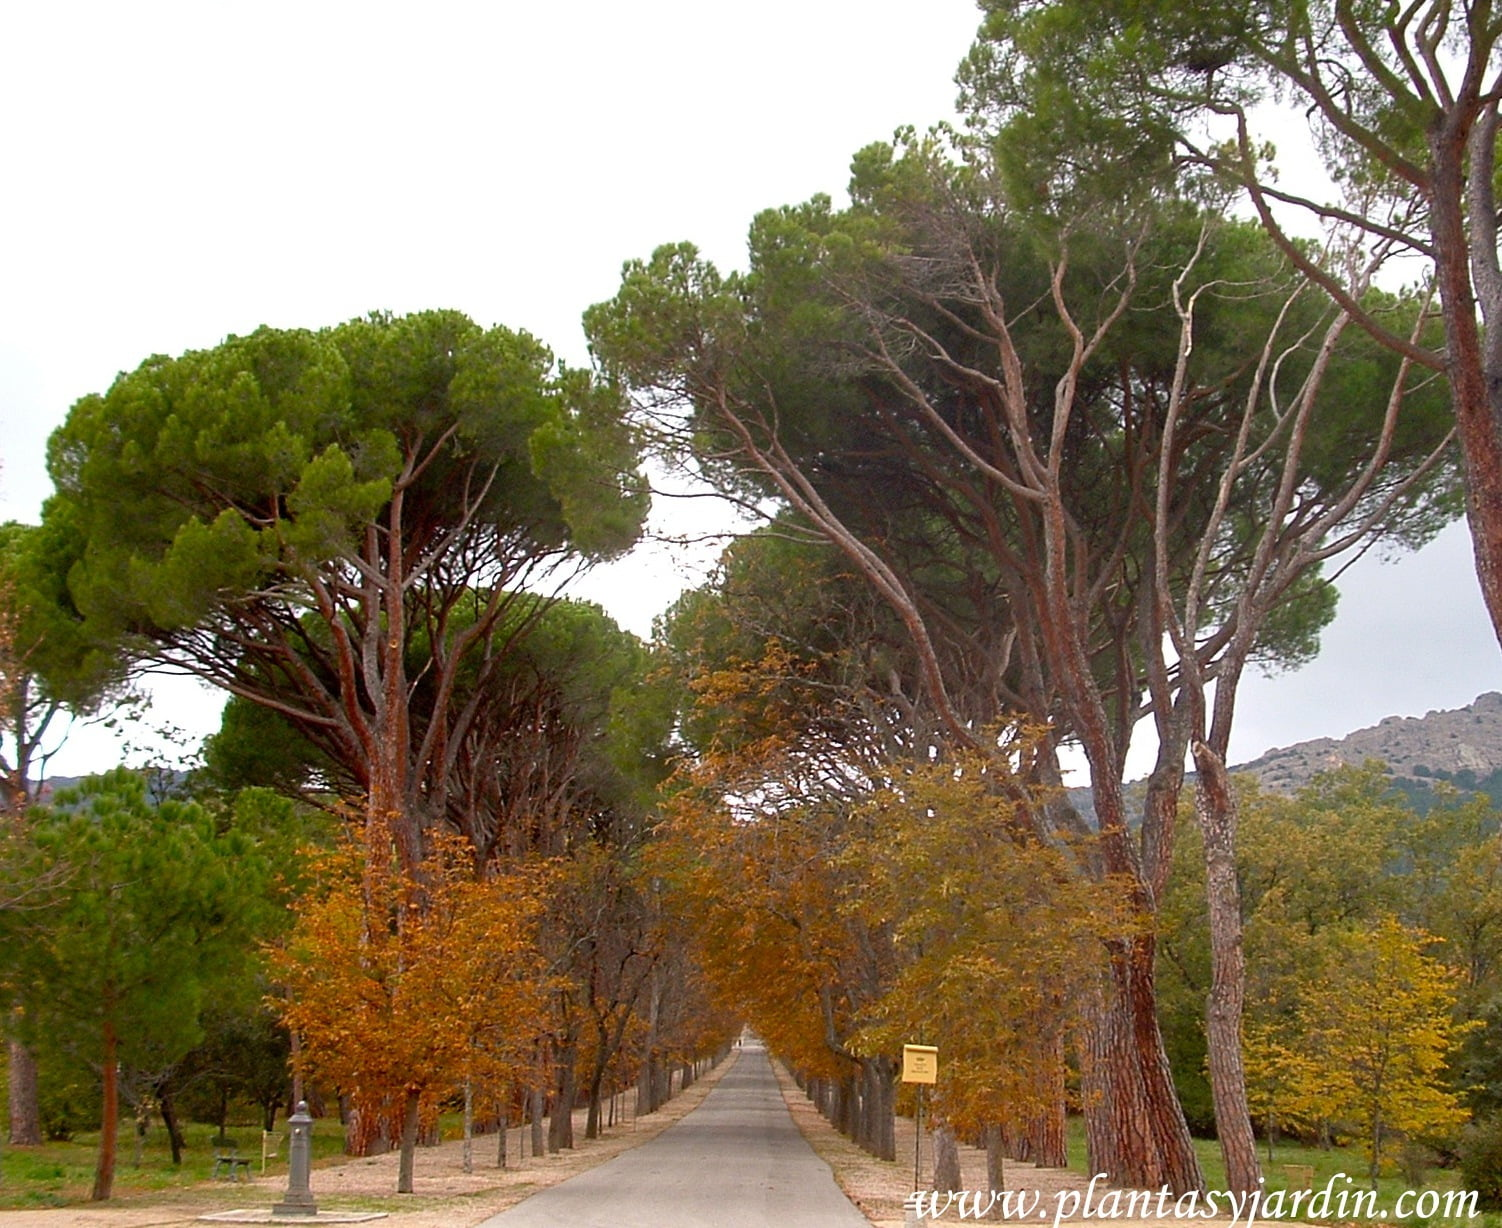 Paseo del Príncipe bordeado por Aesculus hippocastanum y Pinus pinea